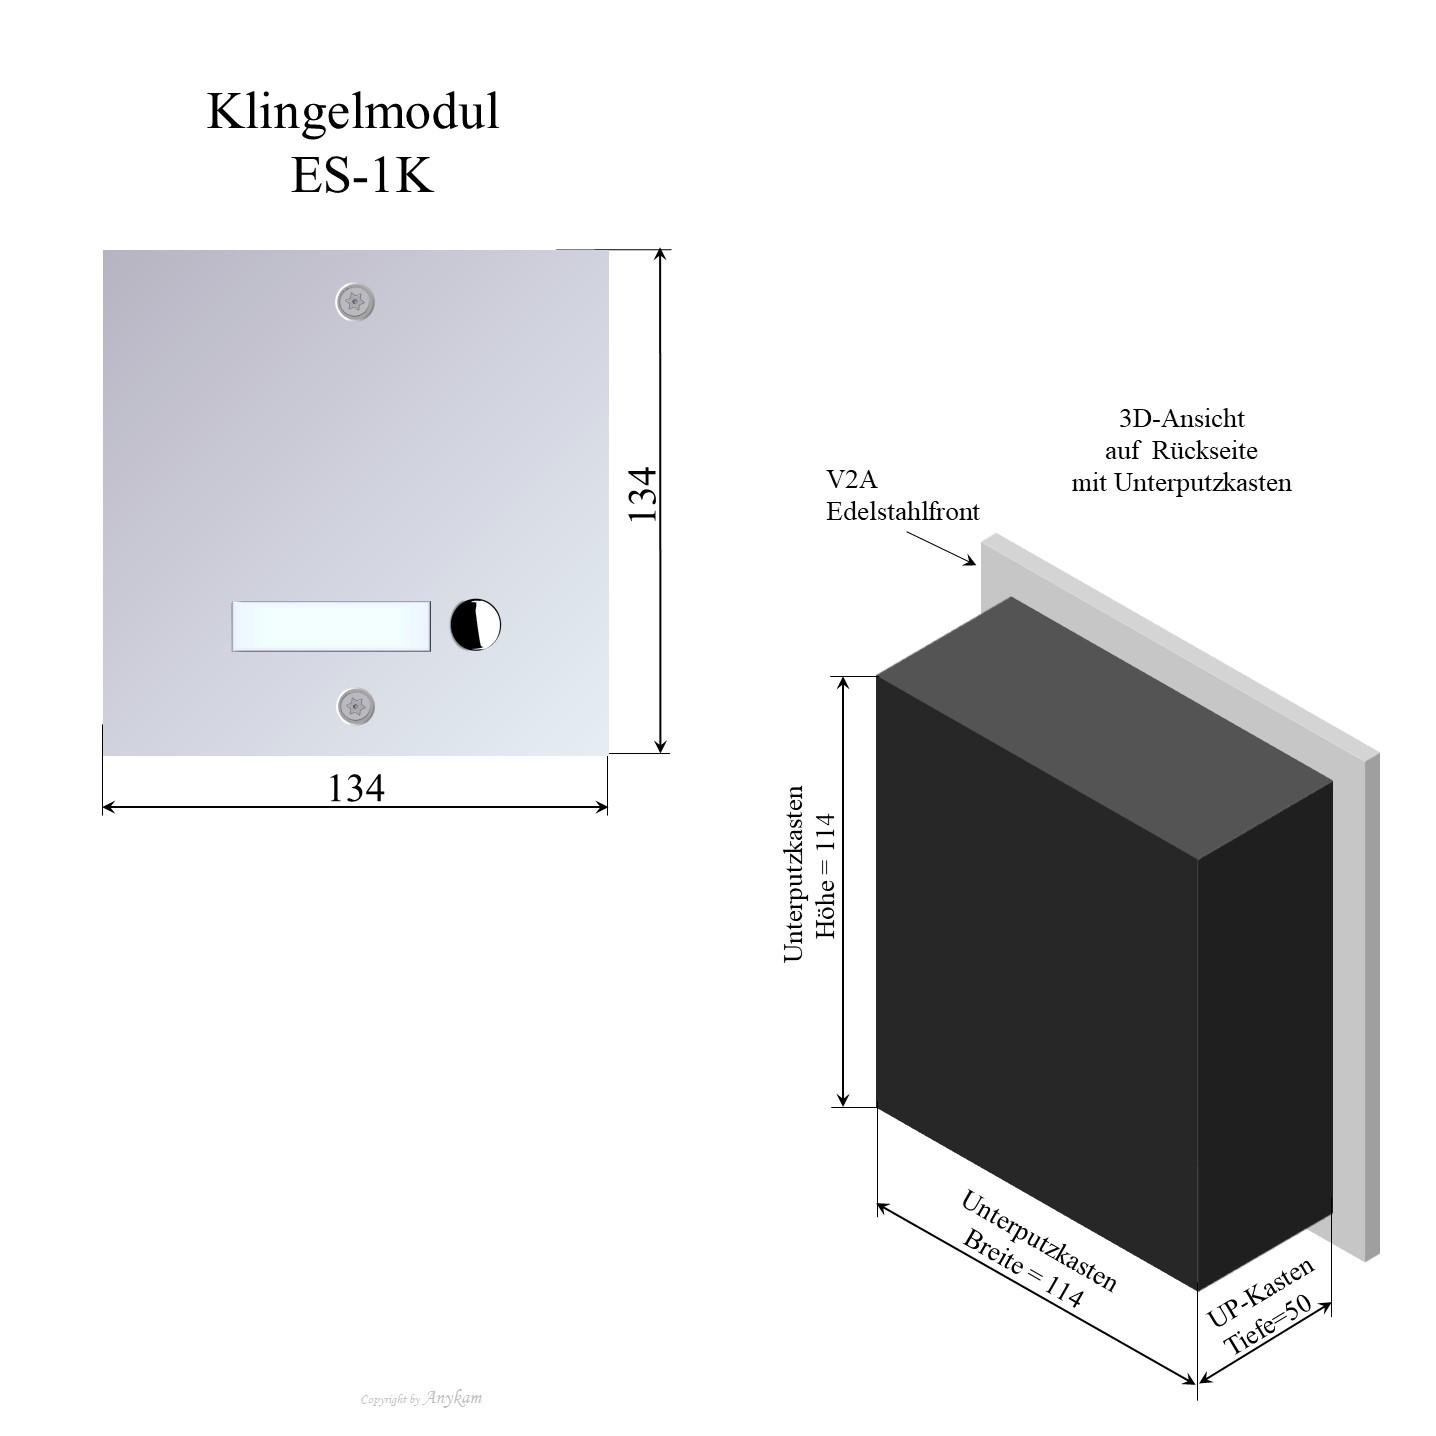 Ziemlich 2 Draht Diagramm Bilder - Elektrische Schaltplan-Ideen ...